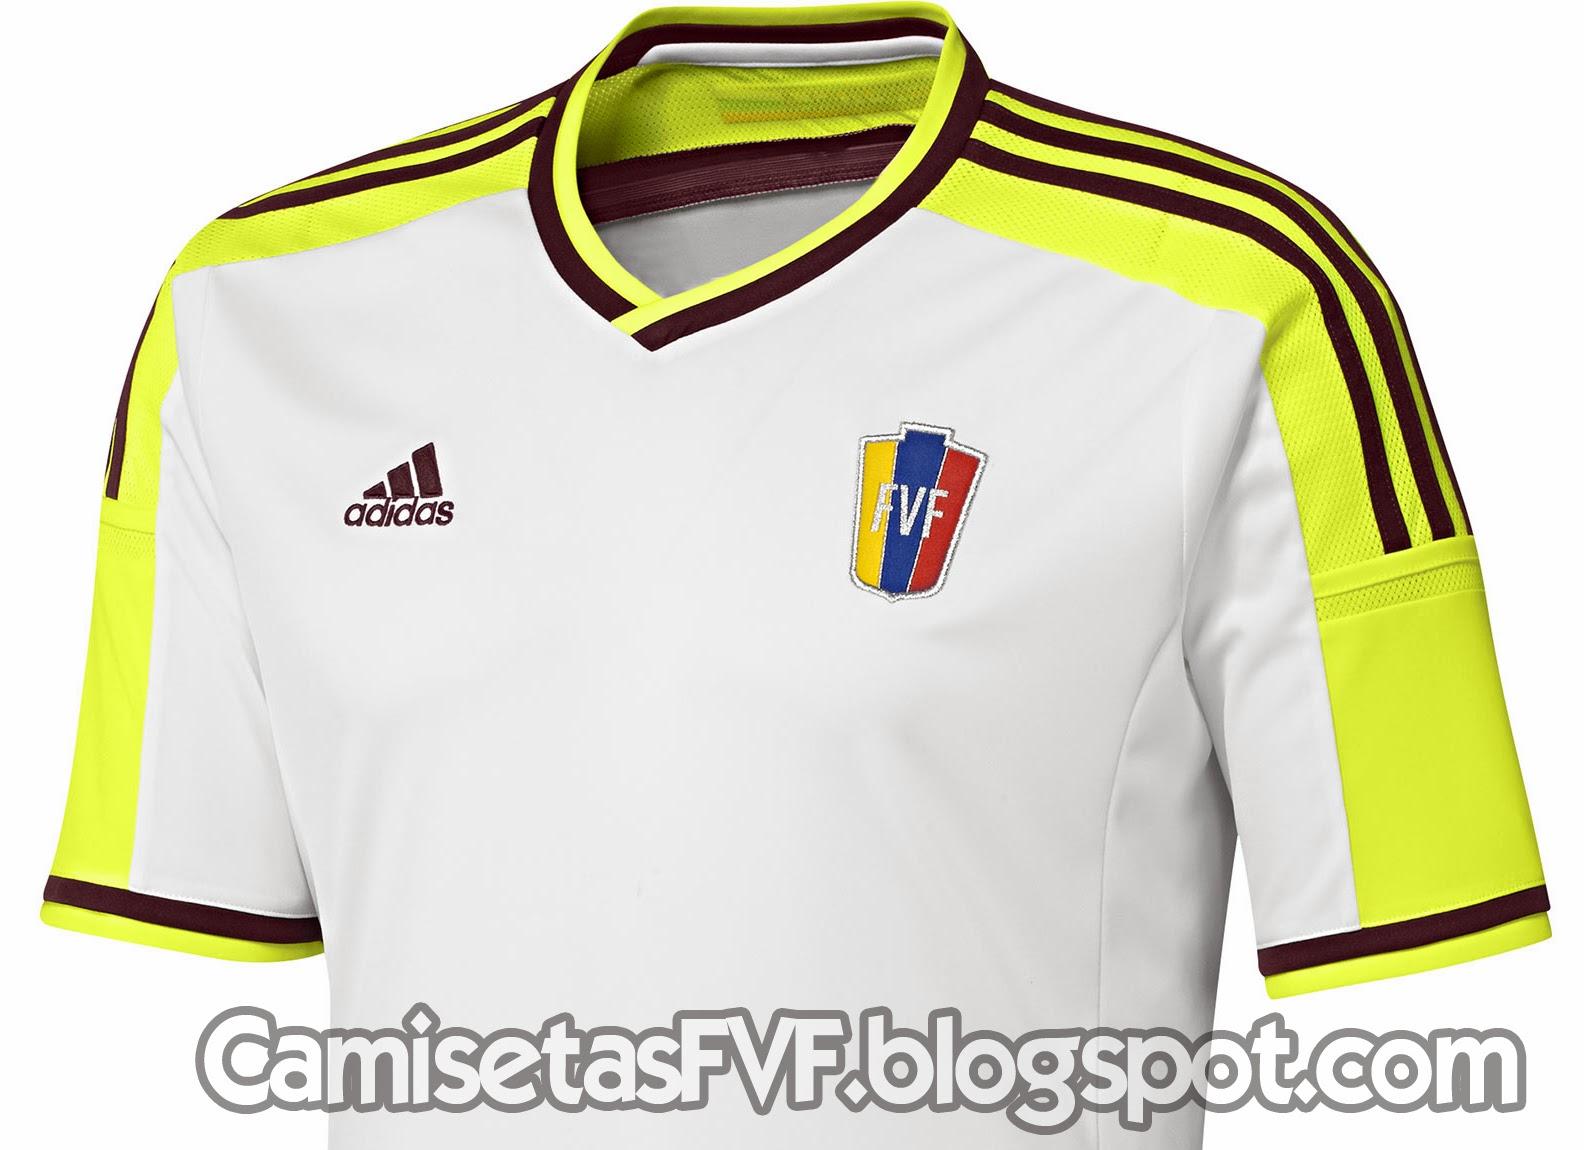 f3ed13f83a71e Hoy adidas ha presentado oficialmente las nuevas equipaciones de la  selección venezolana. Y tal como te mostramos en nuestro anticipo